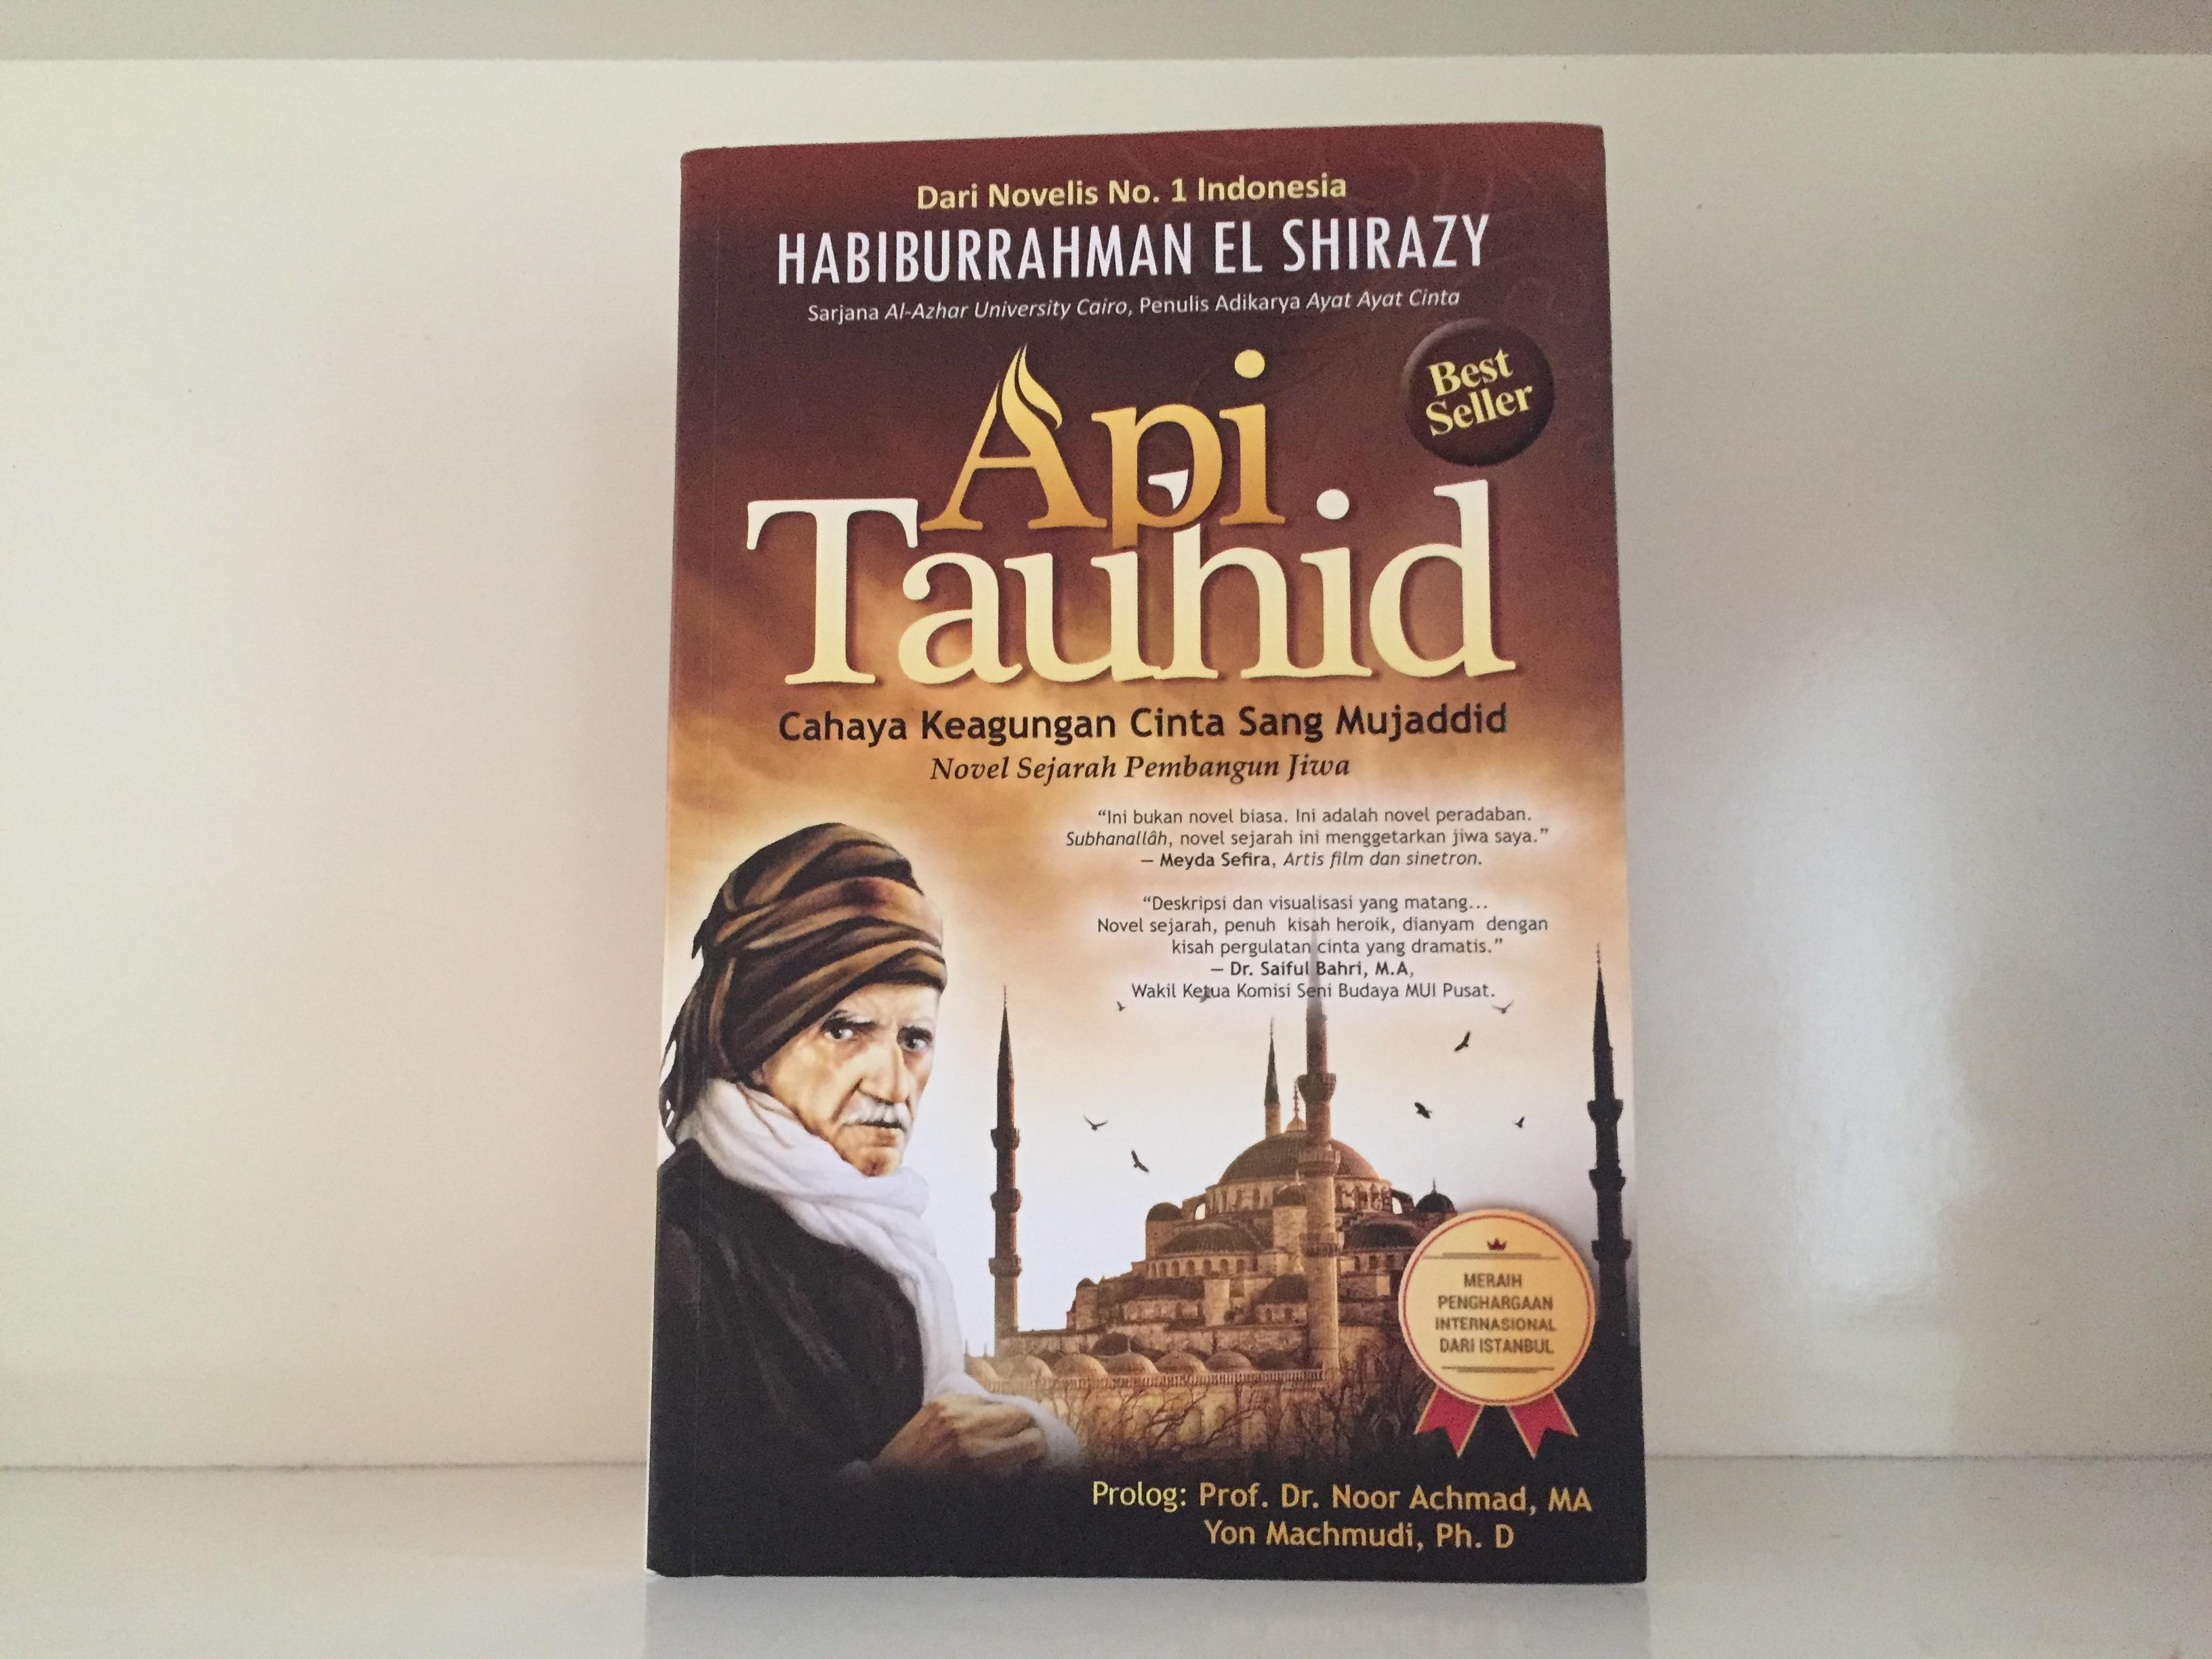 Novel Sejarah Review Dan Sinopsis Api Tauhid Karya Habiburrahman